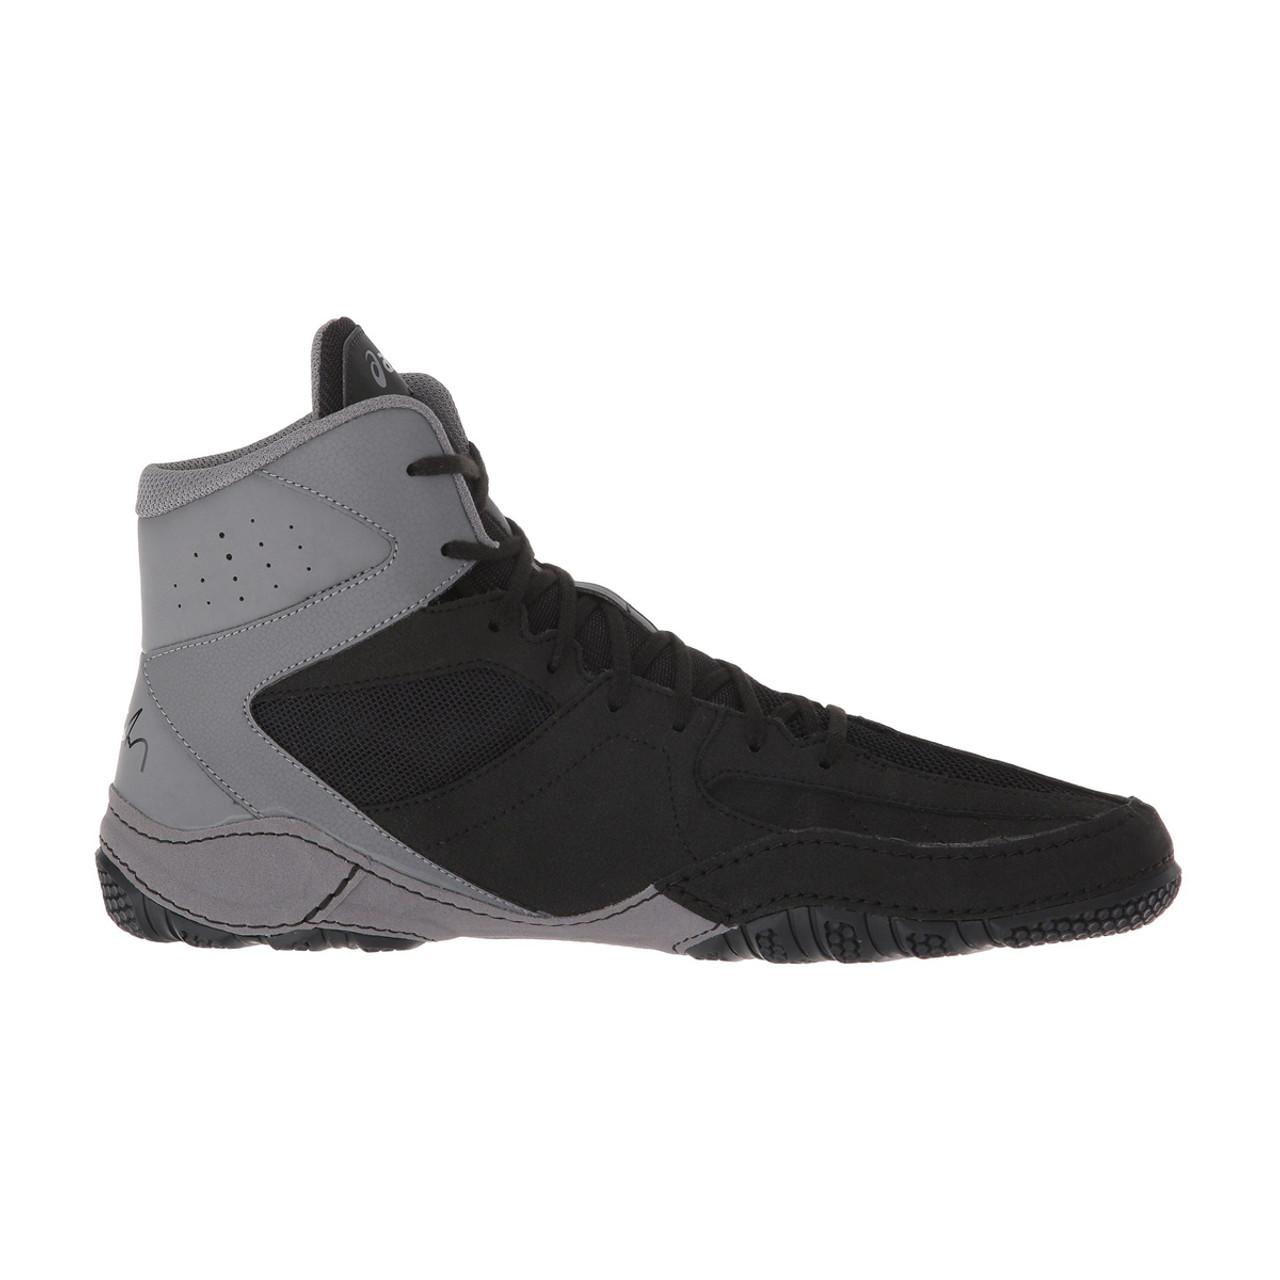 7d7cfdc791 Asics Mat Control Men's Wrestling Shoes - Black, Gray